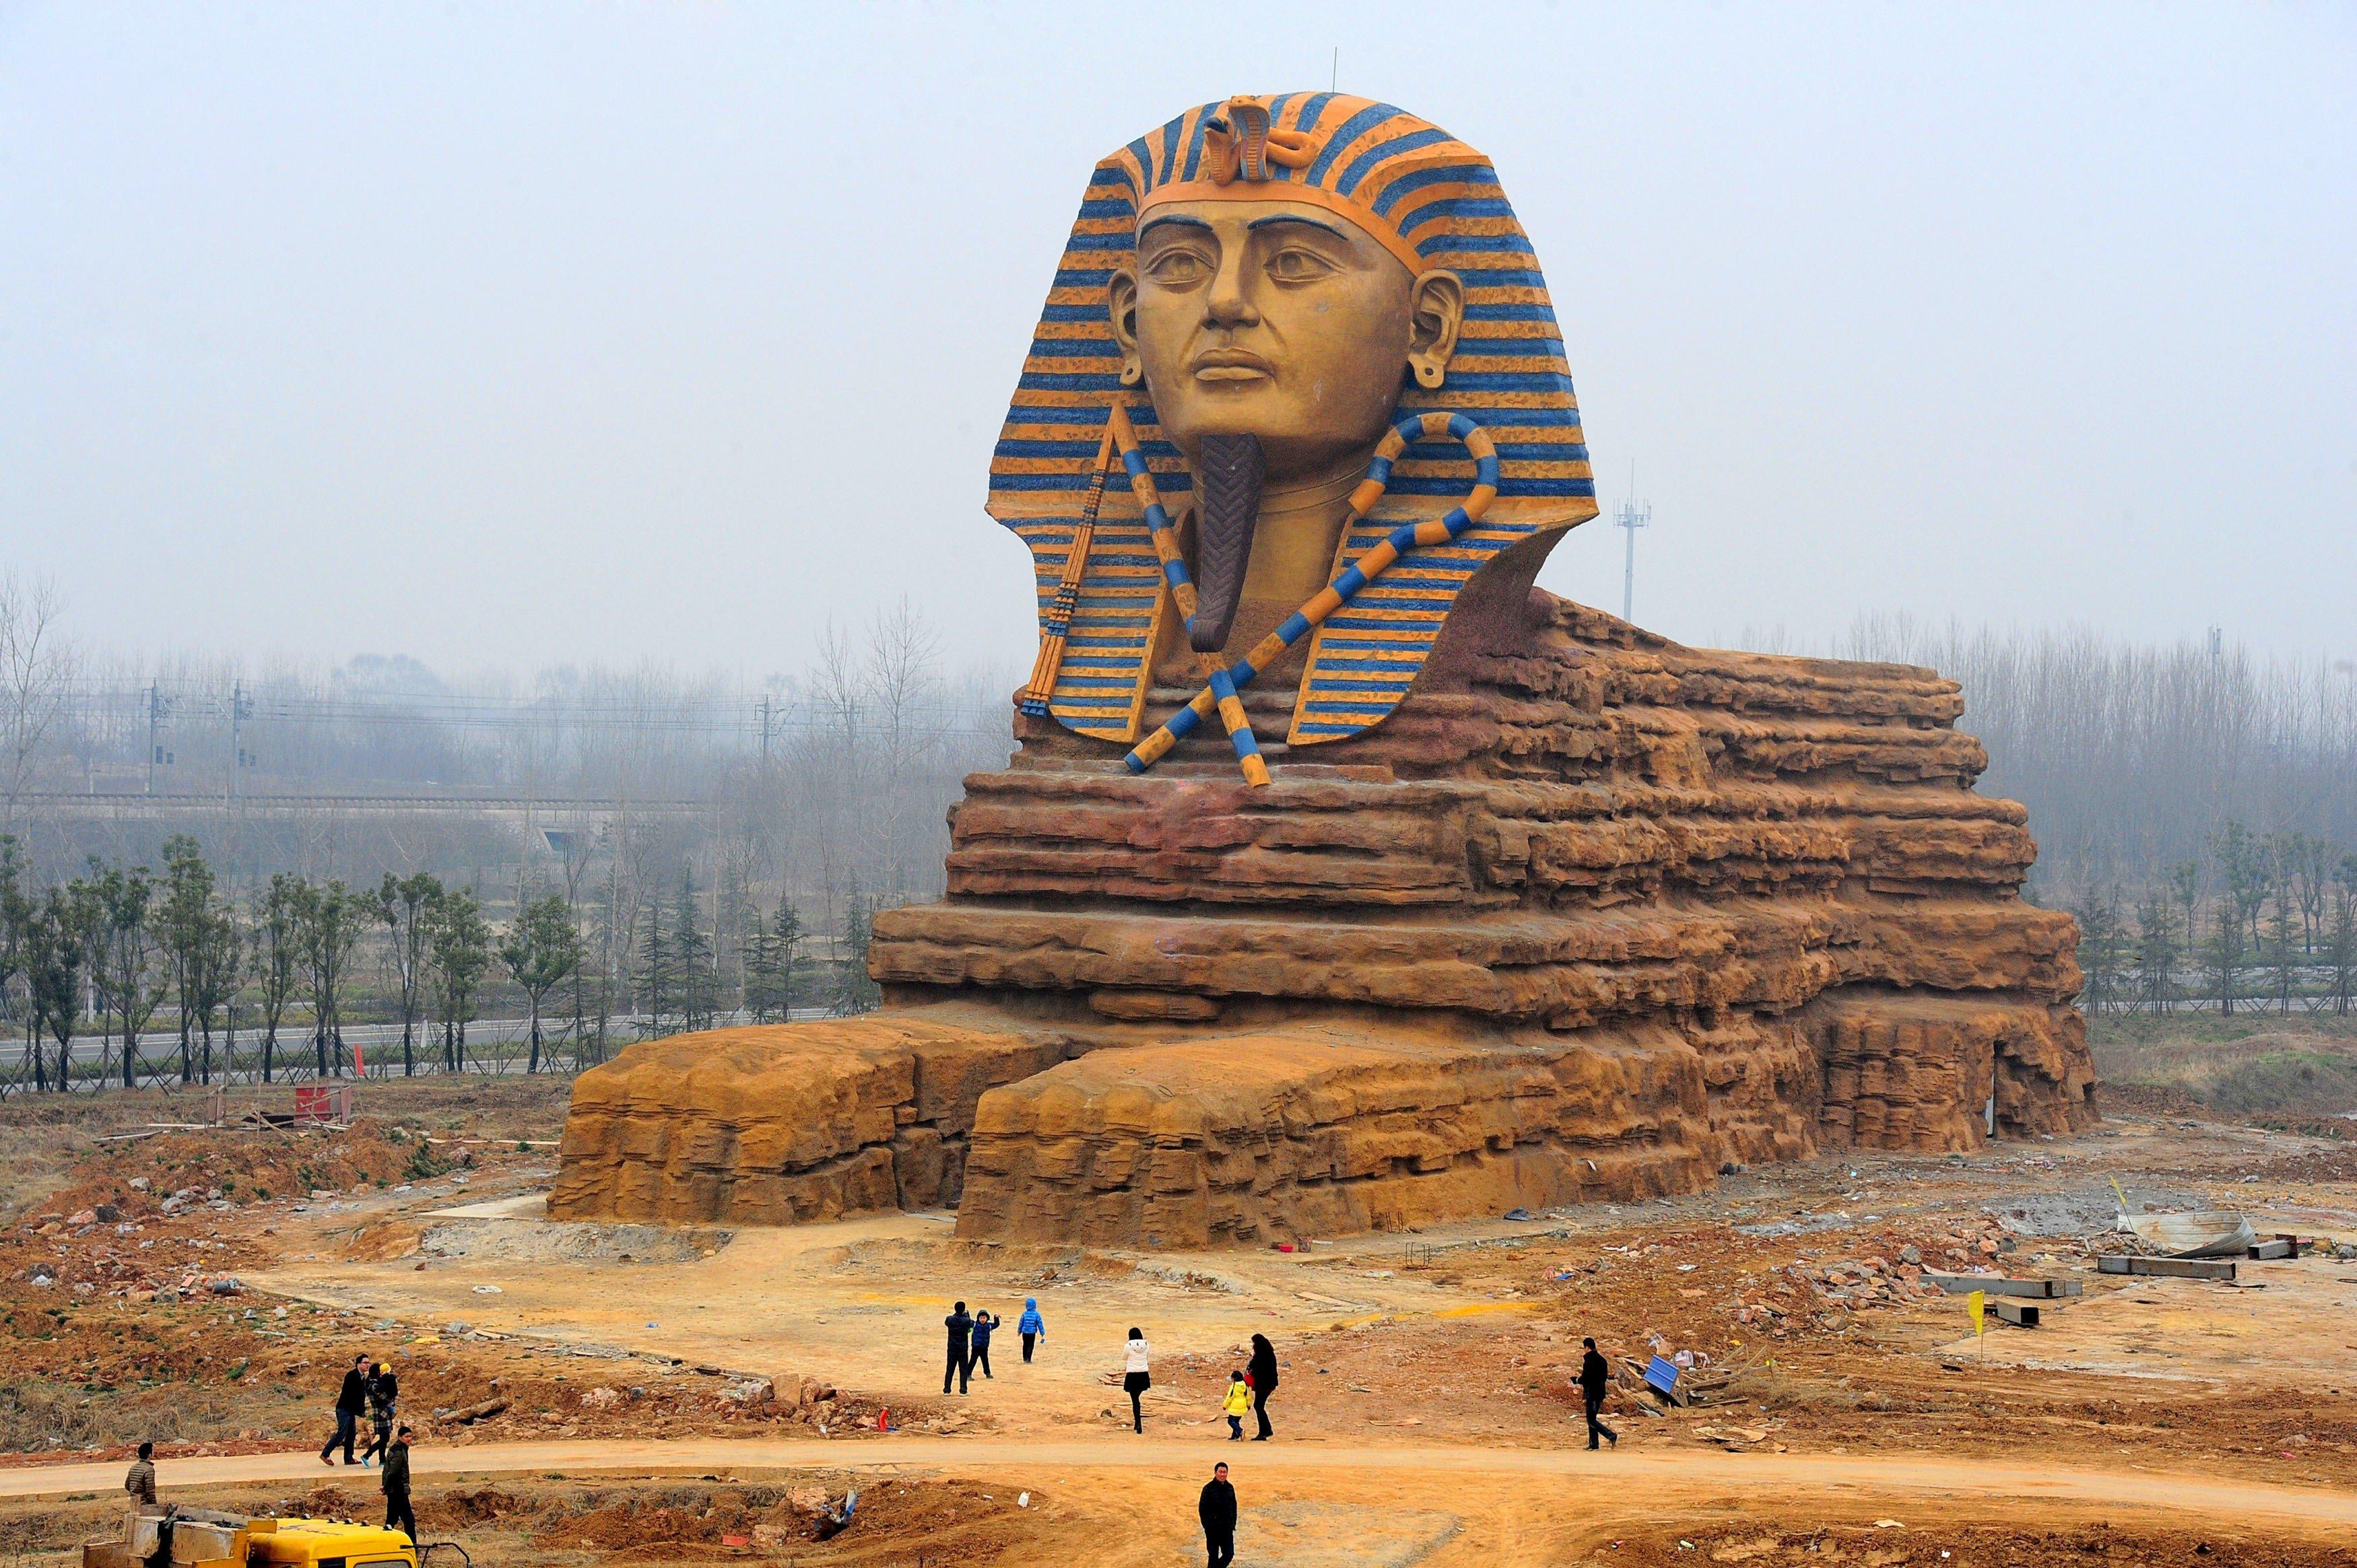 La Gran Esfinge de... China